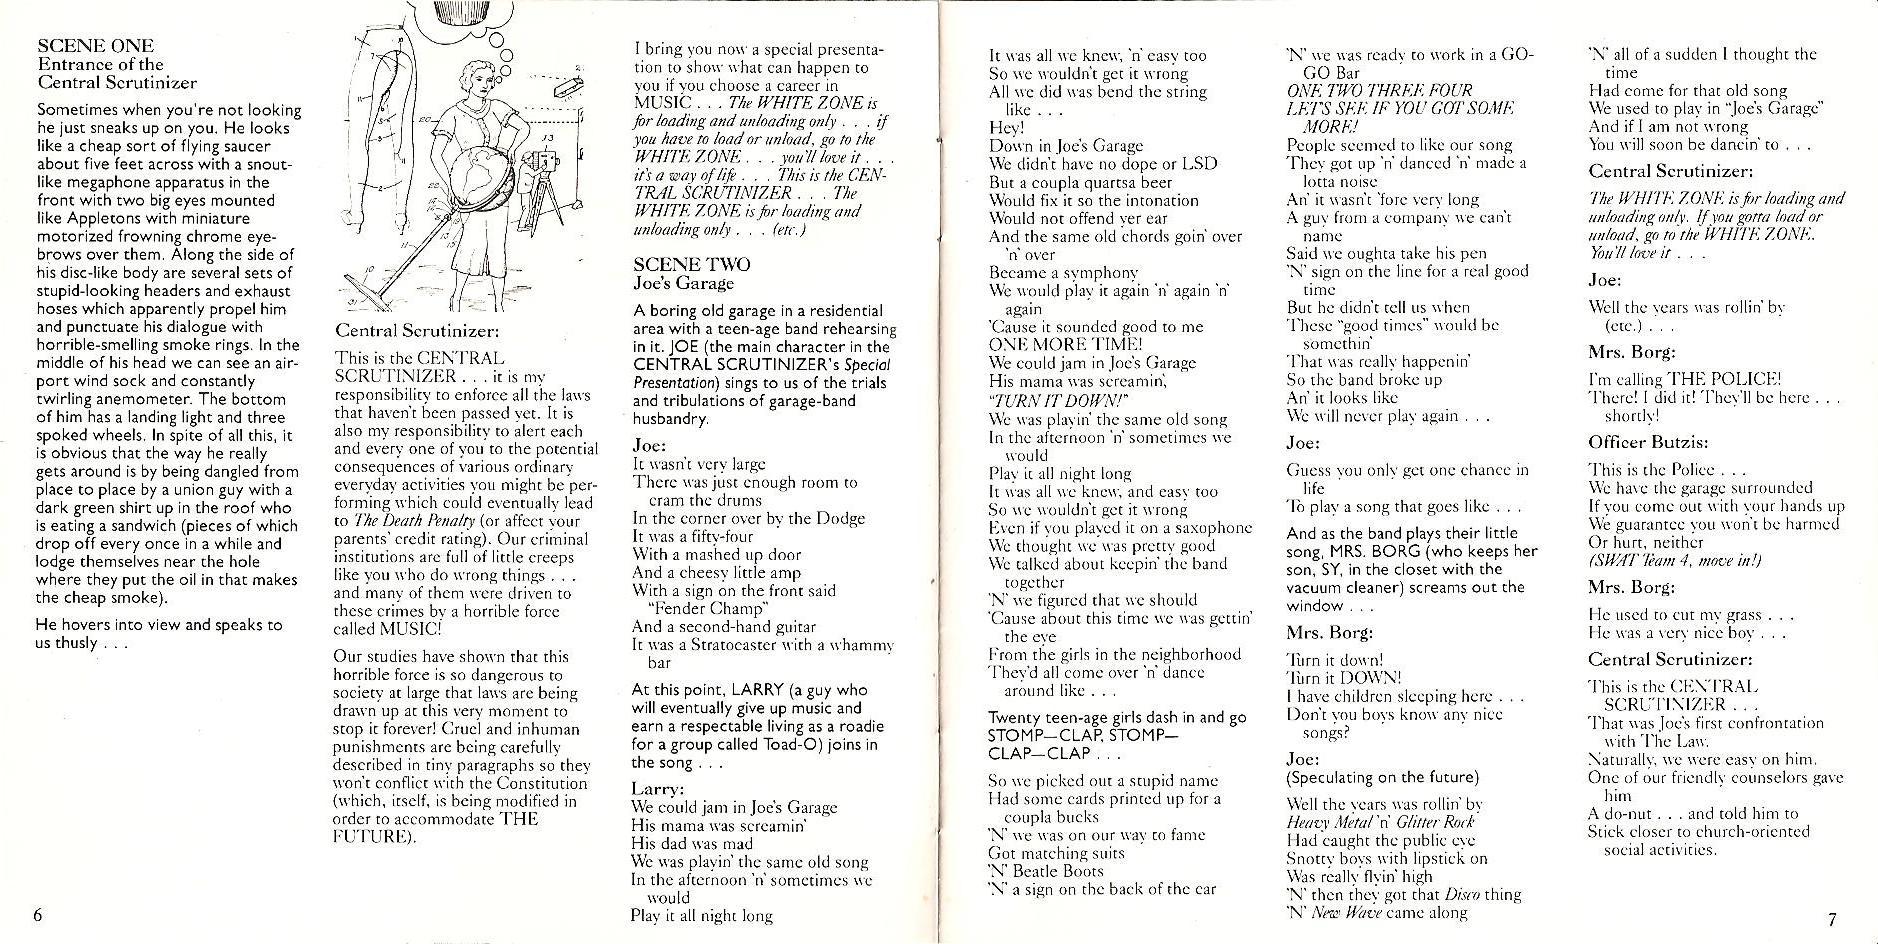 Libreto današnje pesme